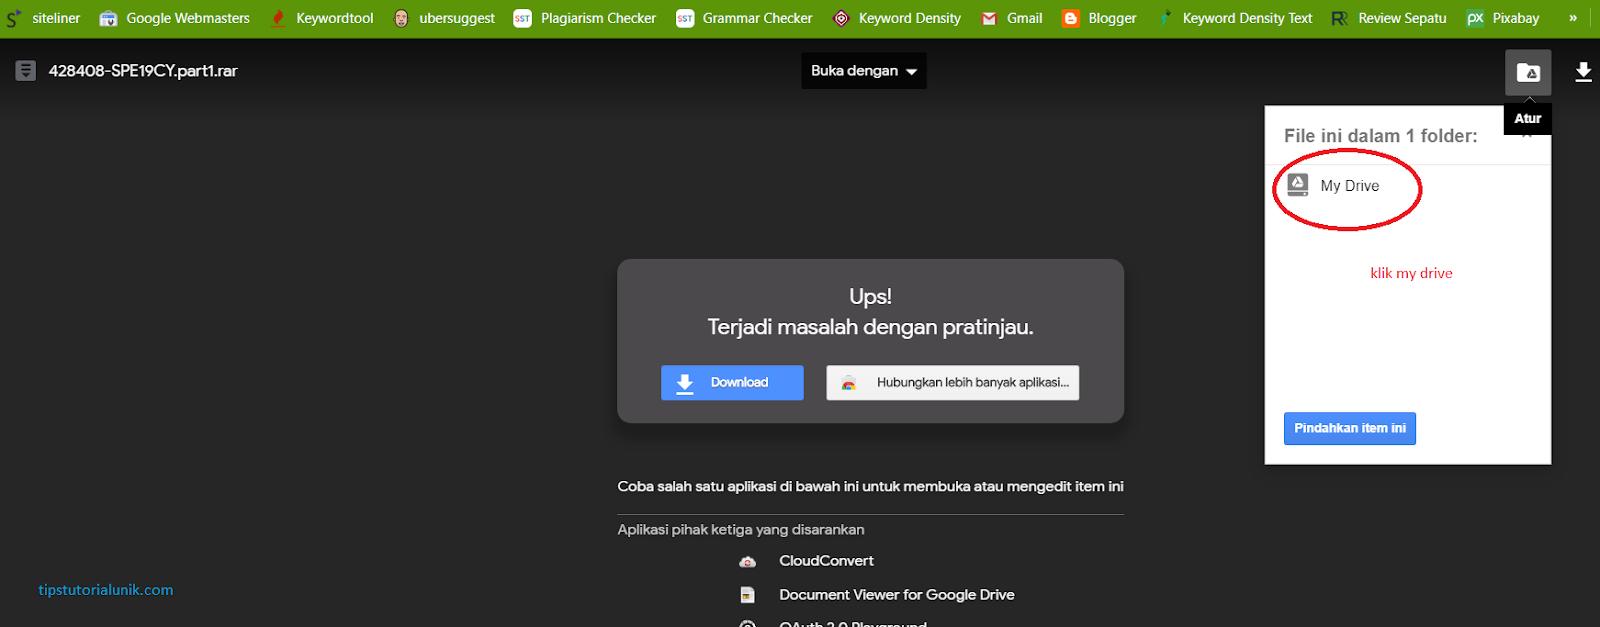 Tips Cara Membuka Link Google Drive paling mudah